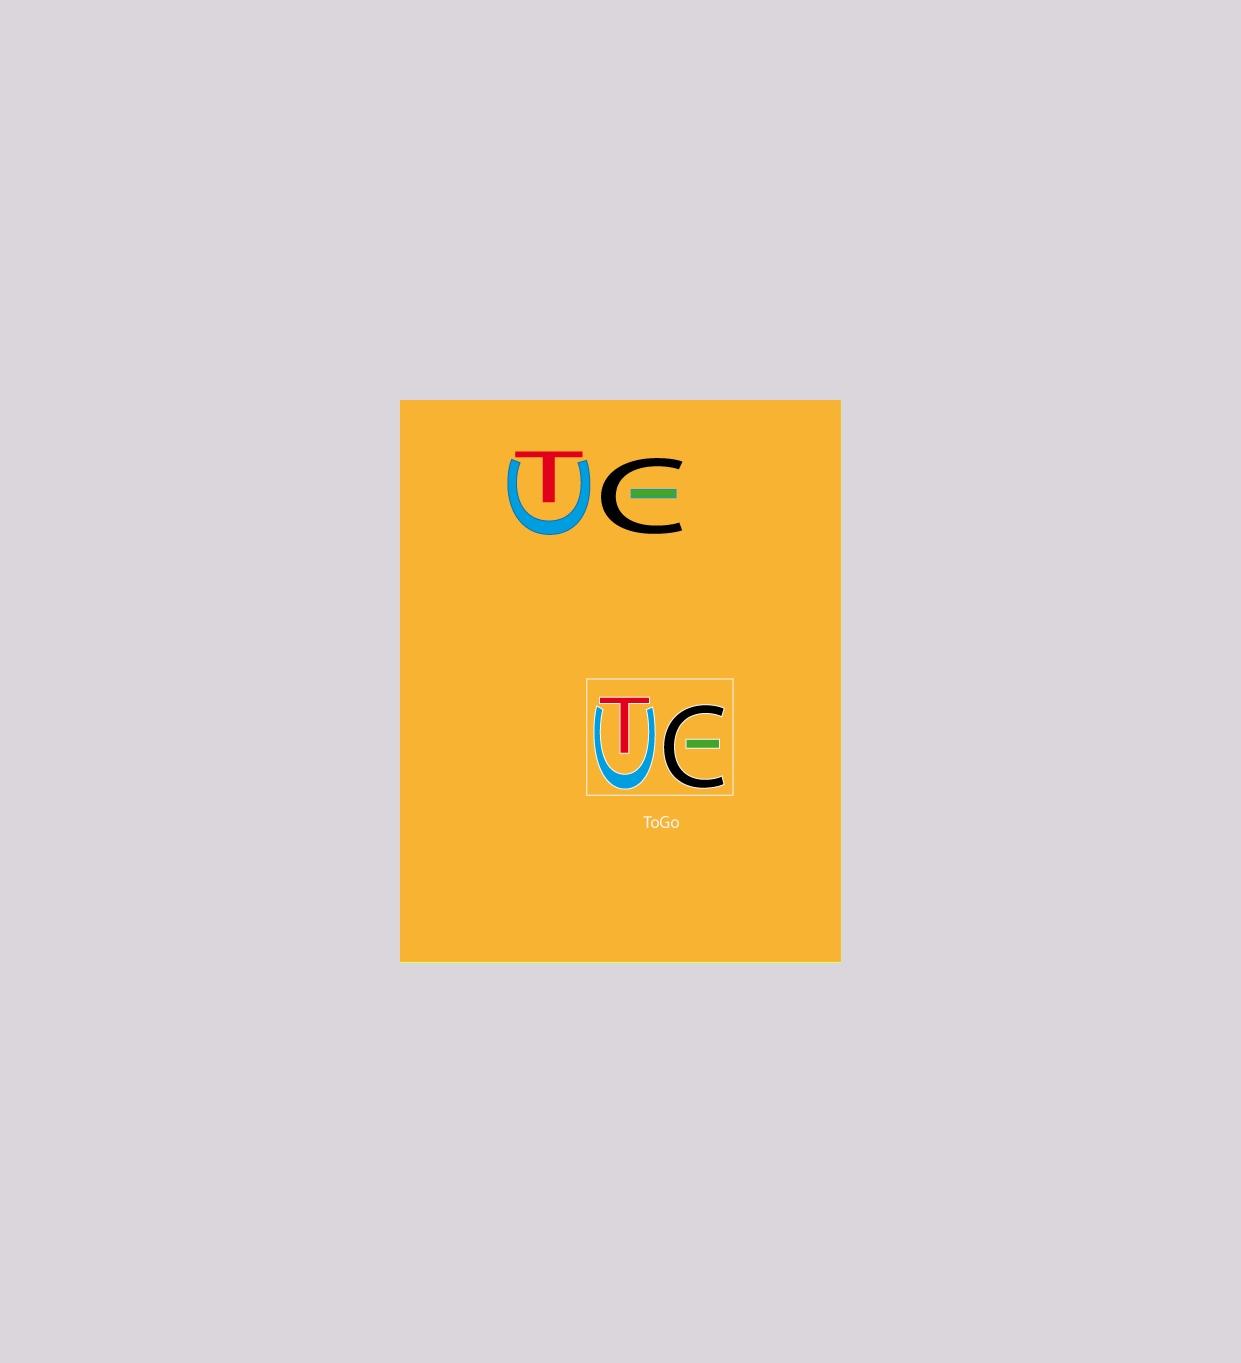 Разработать логотип и экран загрузки приложения фото f_3735a80be3f529fc.jpg